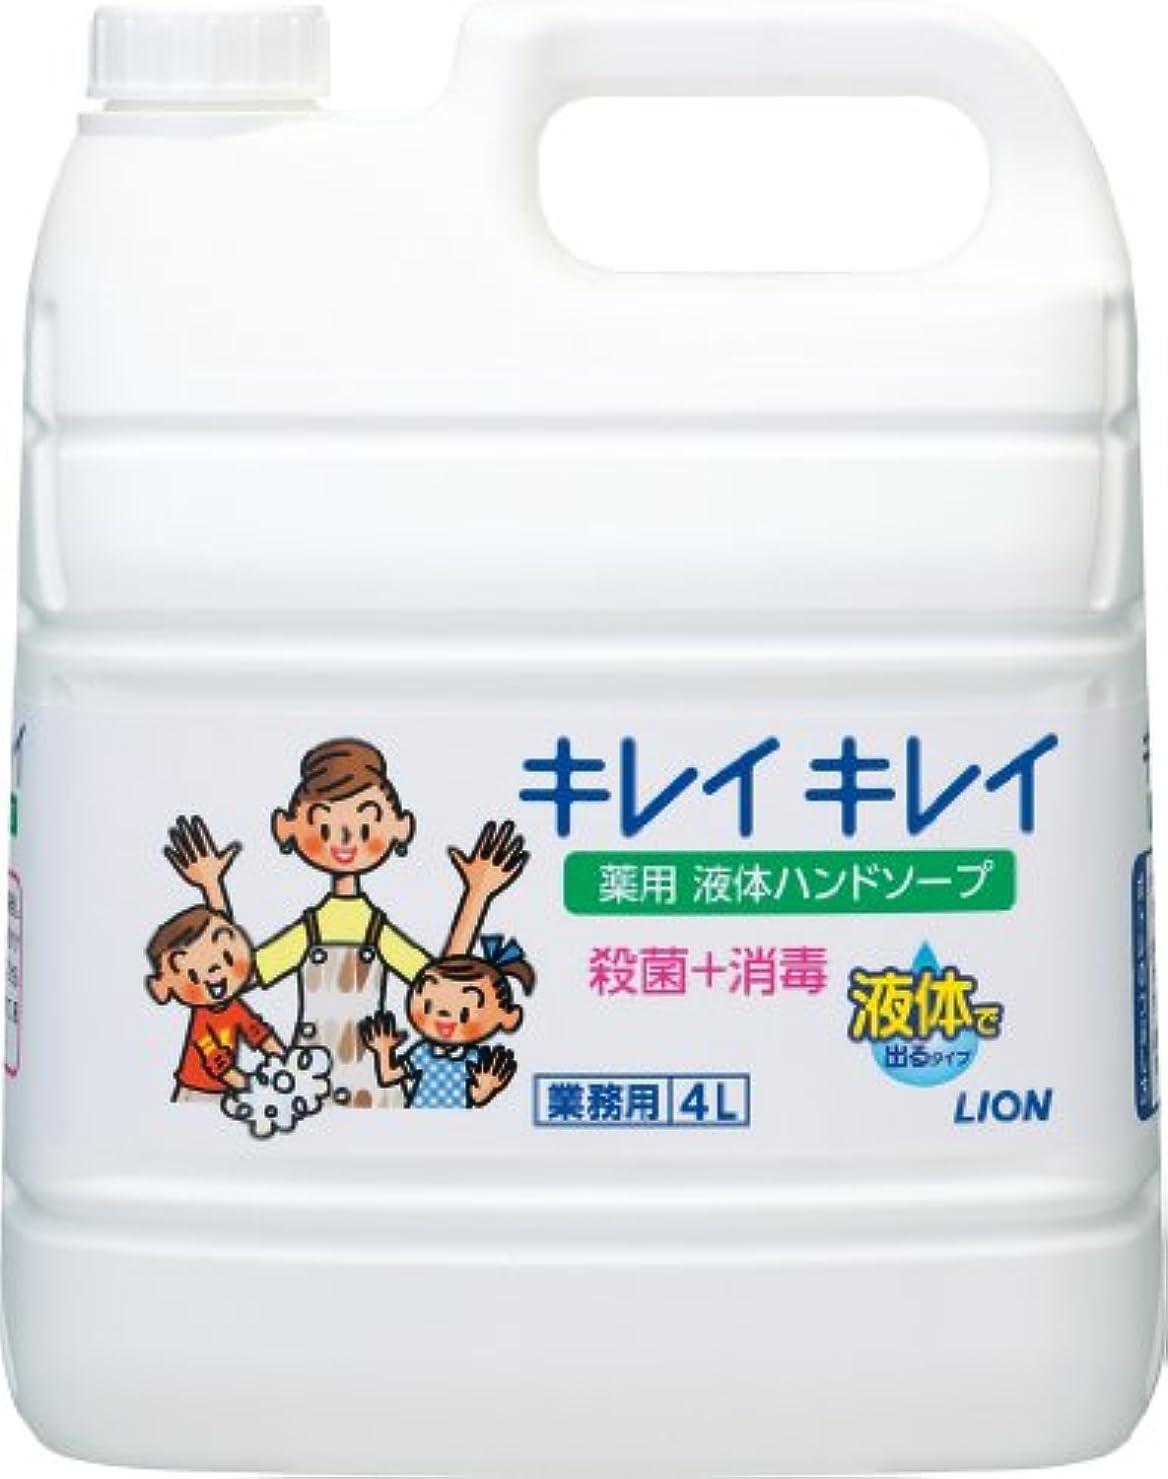 キルト化学マウンド【業務用 大容量】キレイキレイ 薬用 ハンドソープ  4L(医薬部外品)